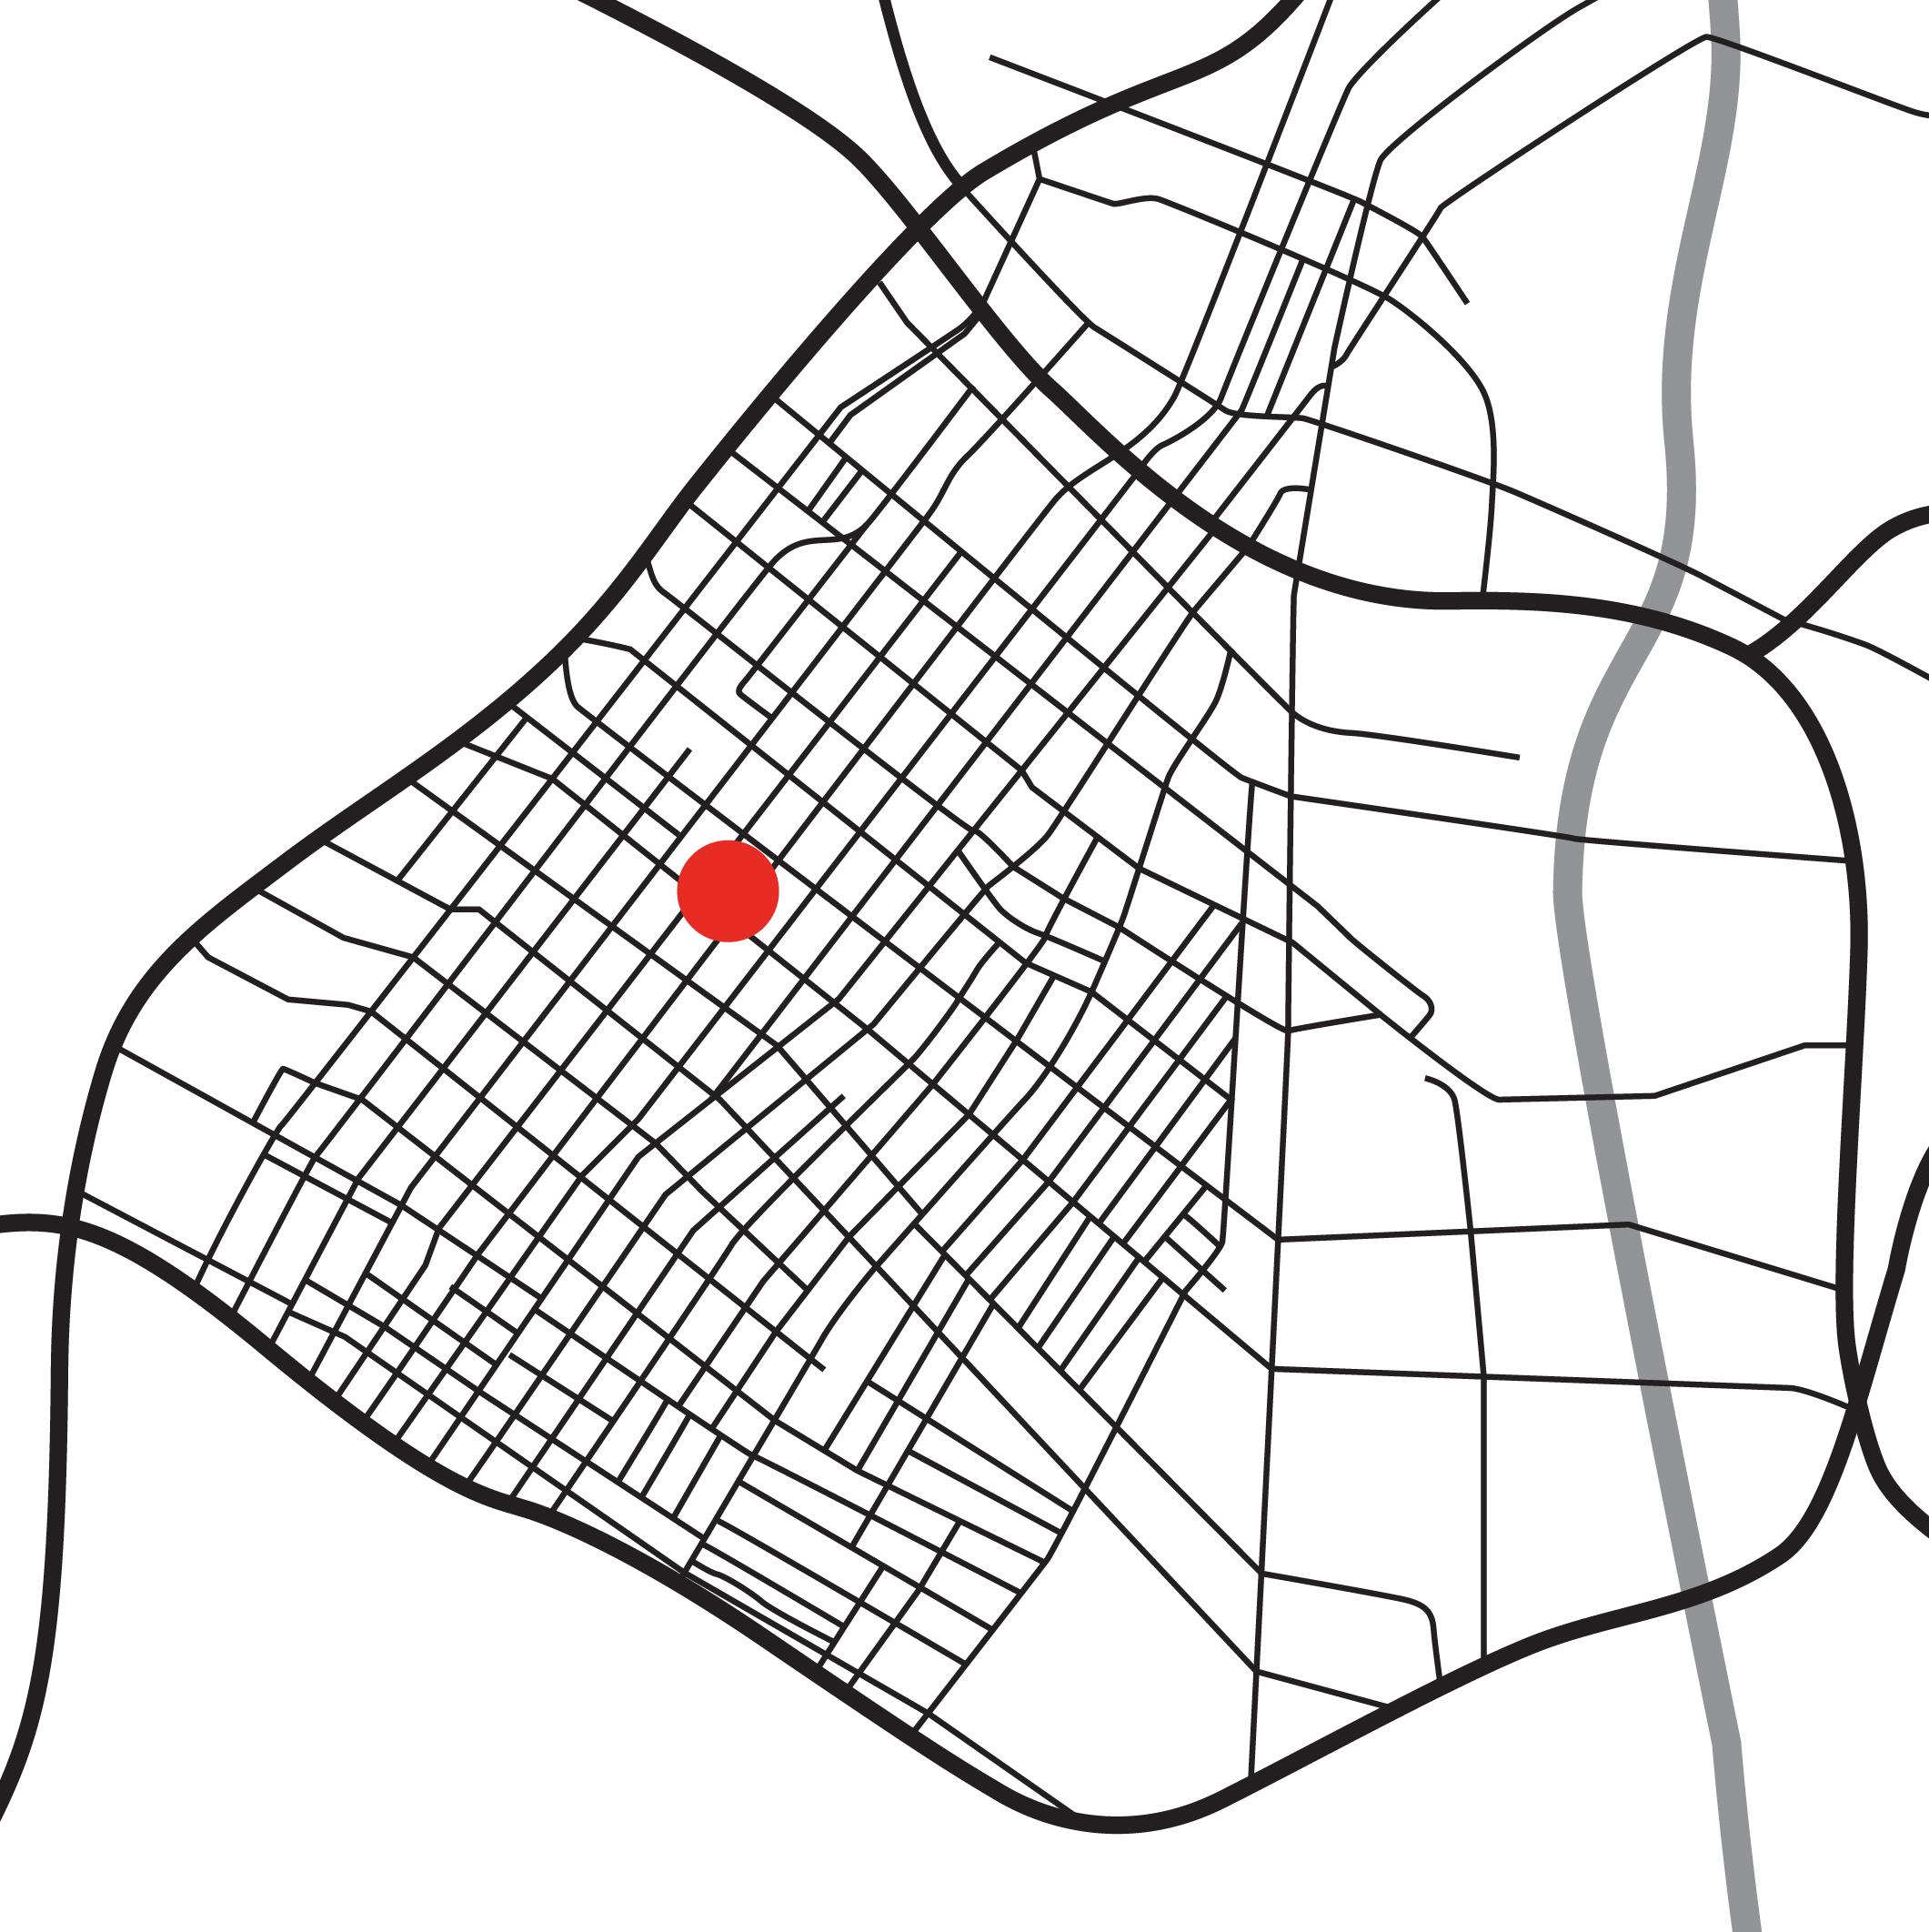 DTLA_MAP_003_DOWNTOWN JEWELRY EXCHANG-WARNER BROS. THEATRE-01.jpg